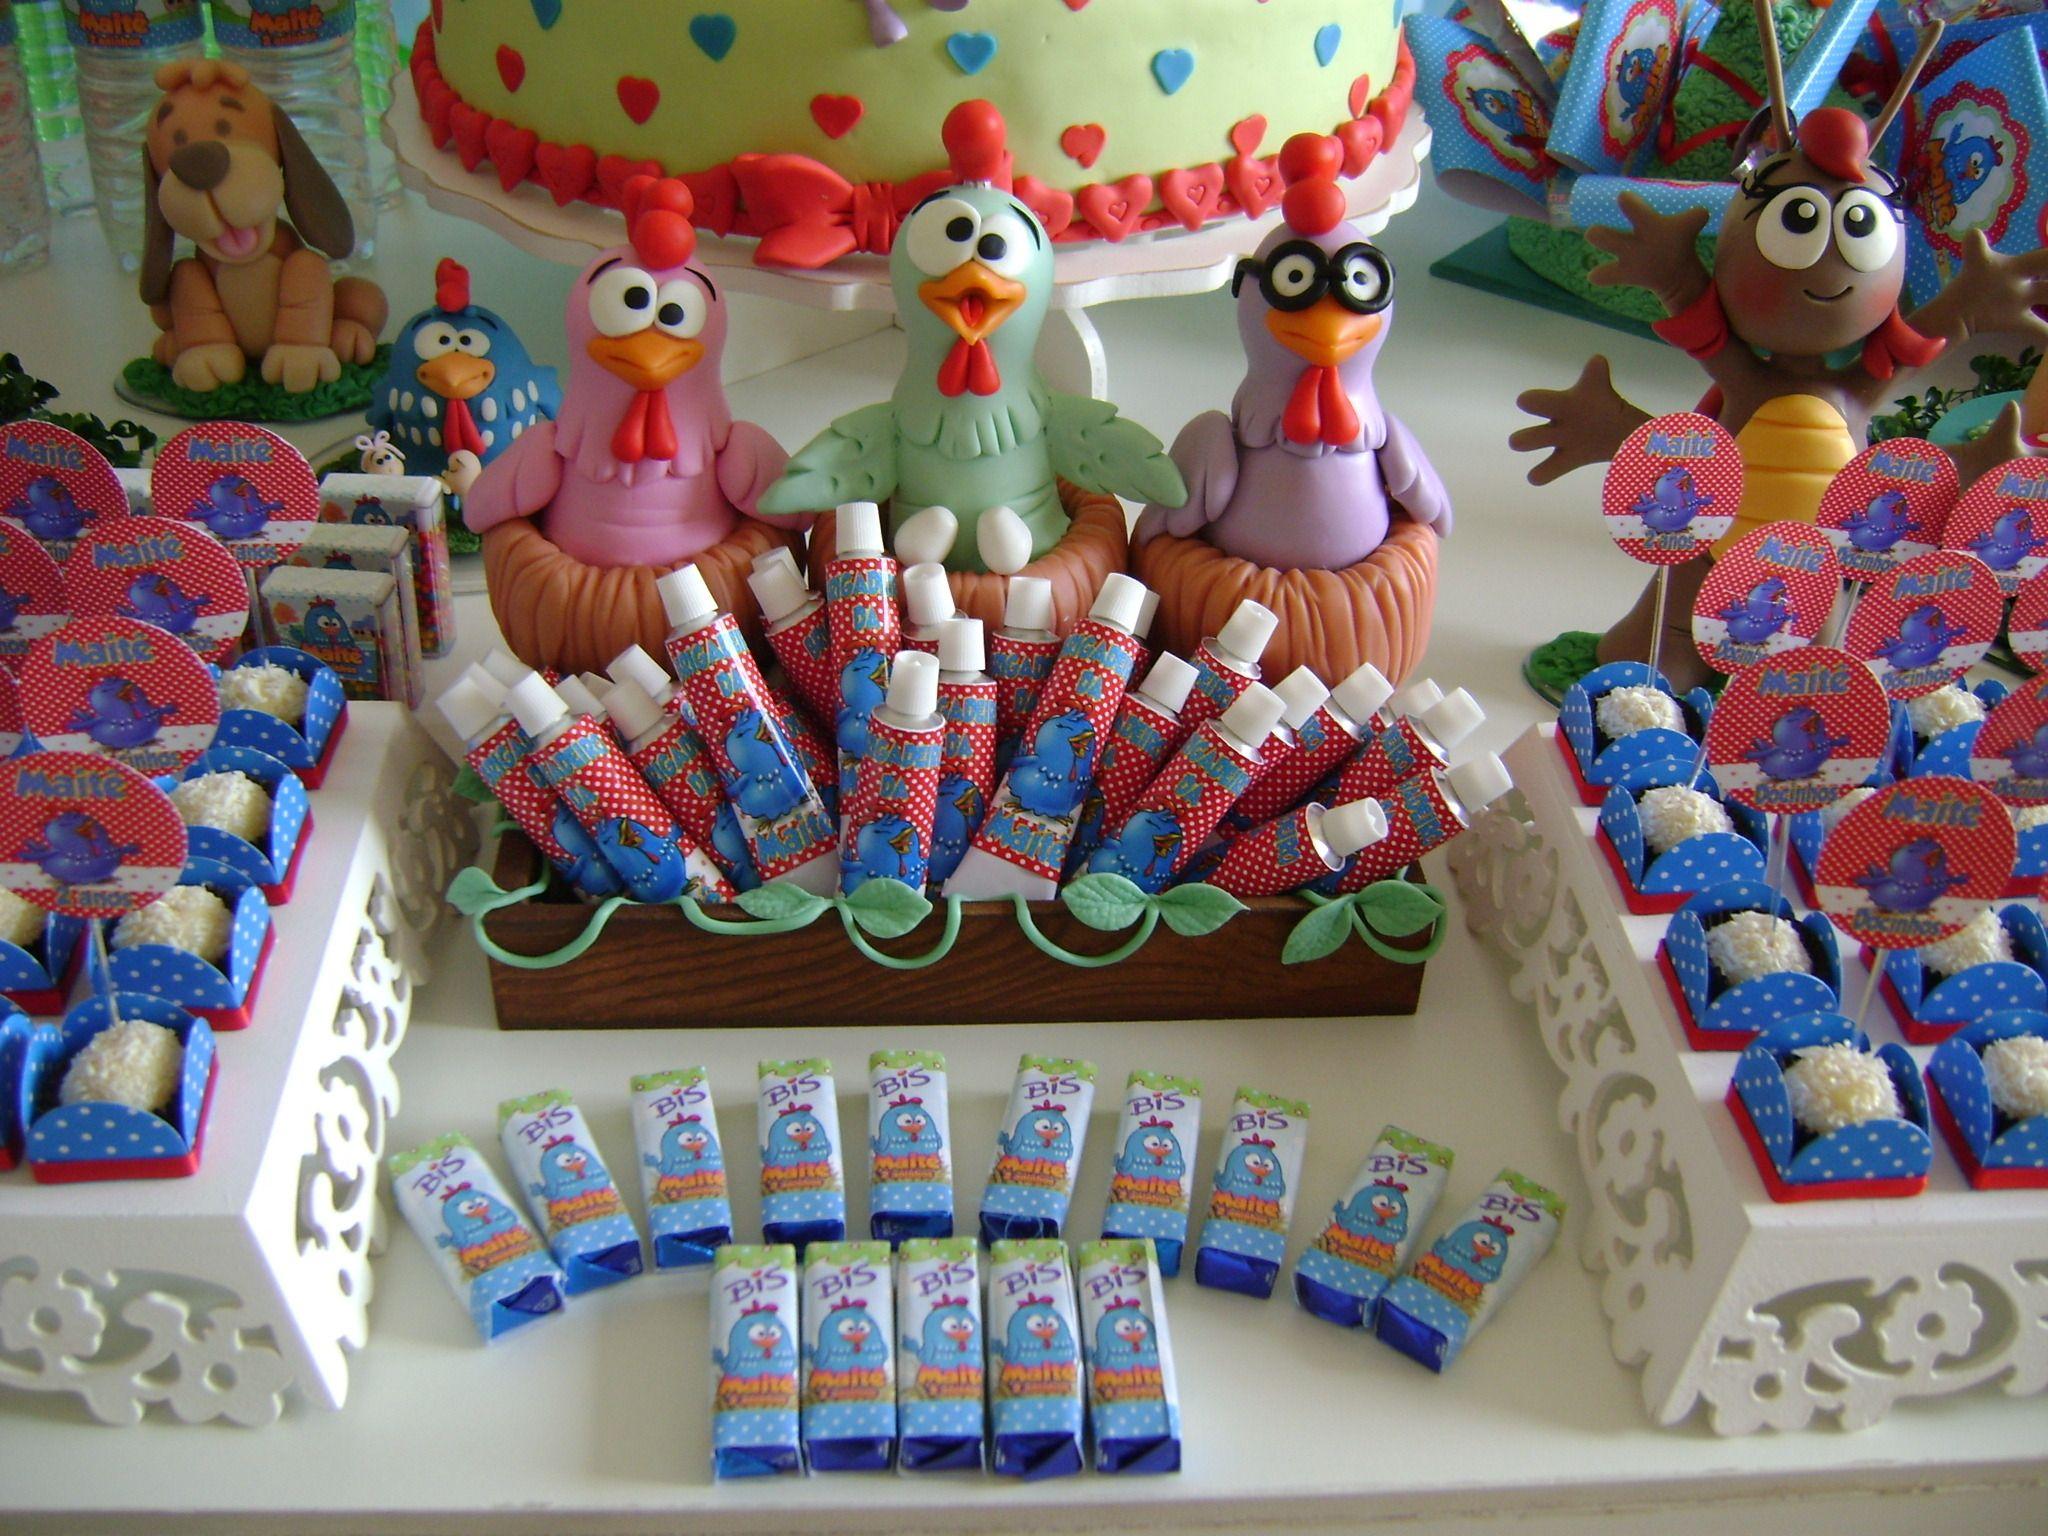 ideias mesa aniversario galinha pintadinha - Pesquisa Google